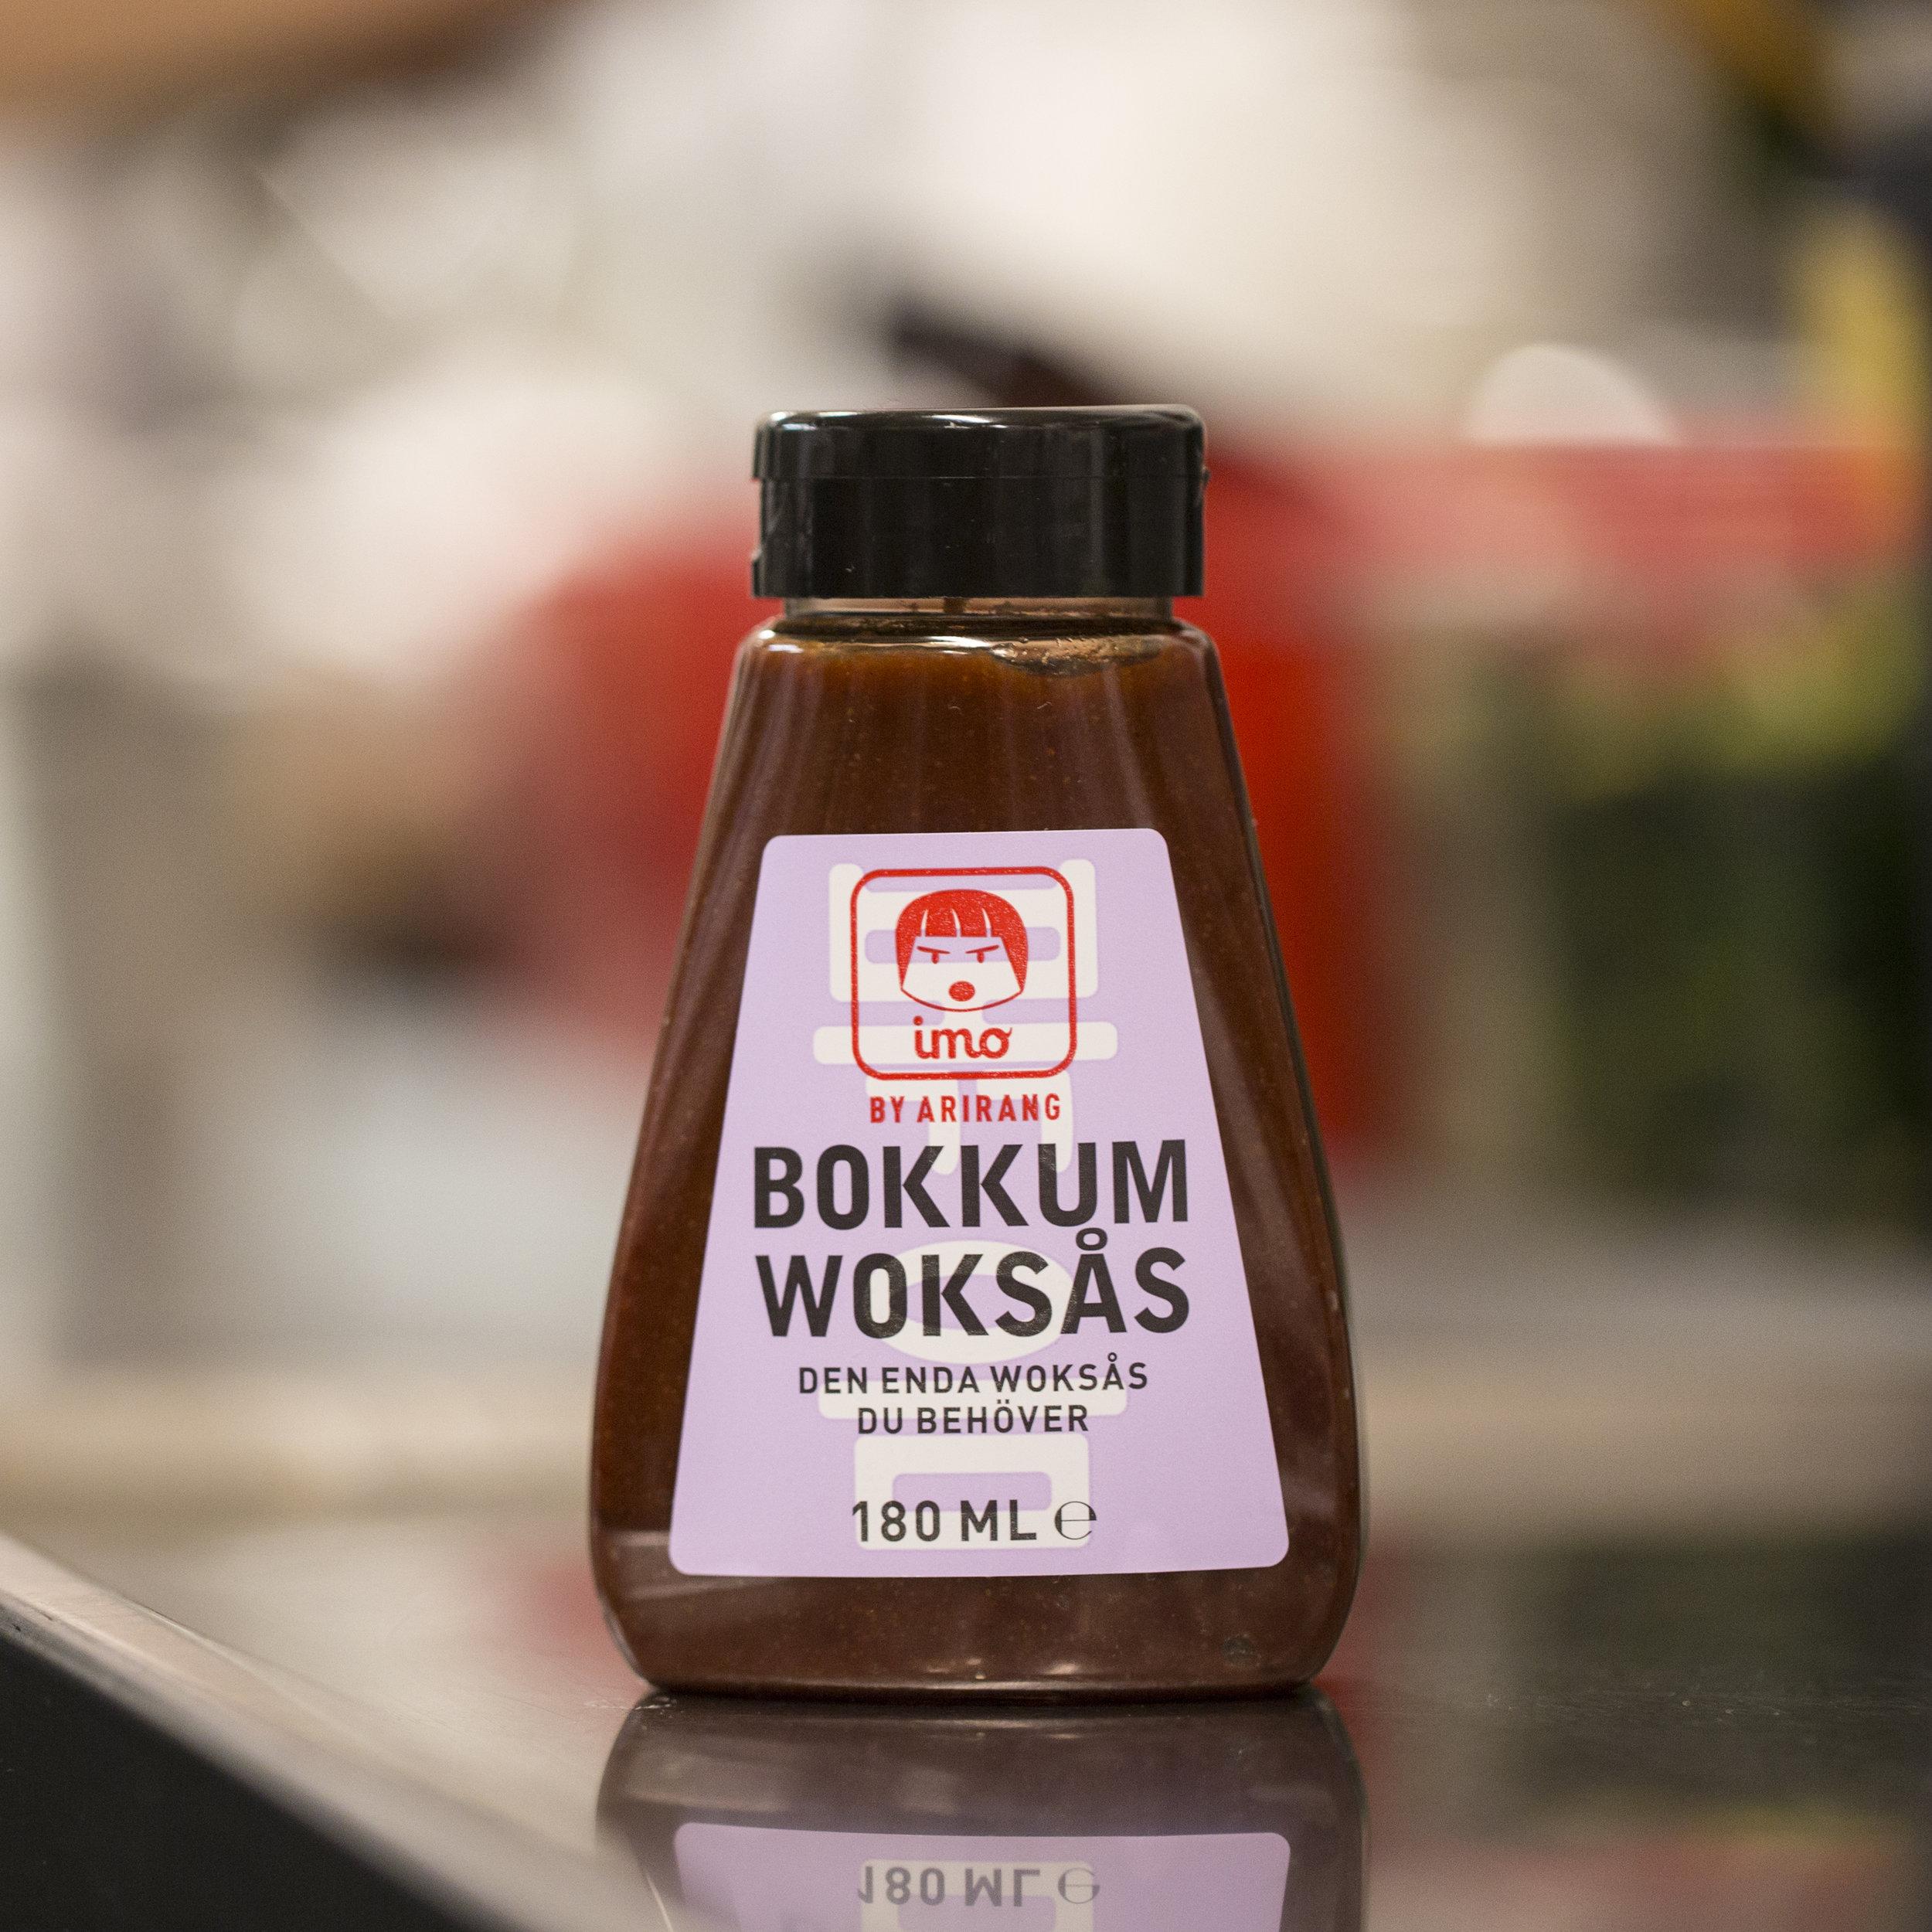 """Bokkum Woksås komponerades för många år sedan av mamma Boo Mee Ja på Arirang. """"Bokkum"""" är termen för all wokad mat i Korea. Och Bokkum Woksås är """"Världens bästa woksås"""", menar man på Arirang."""